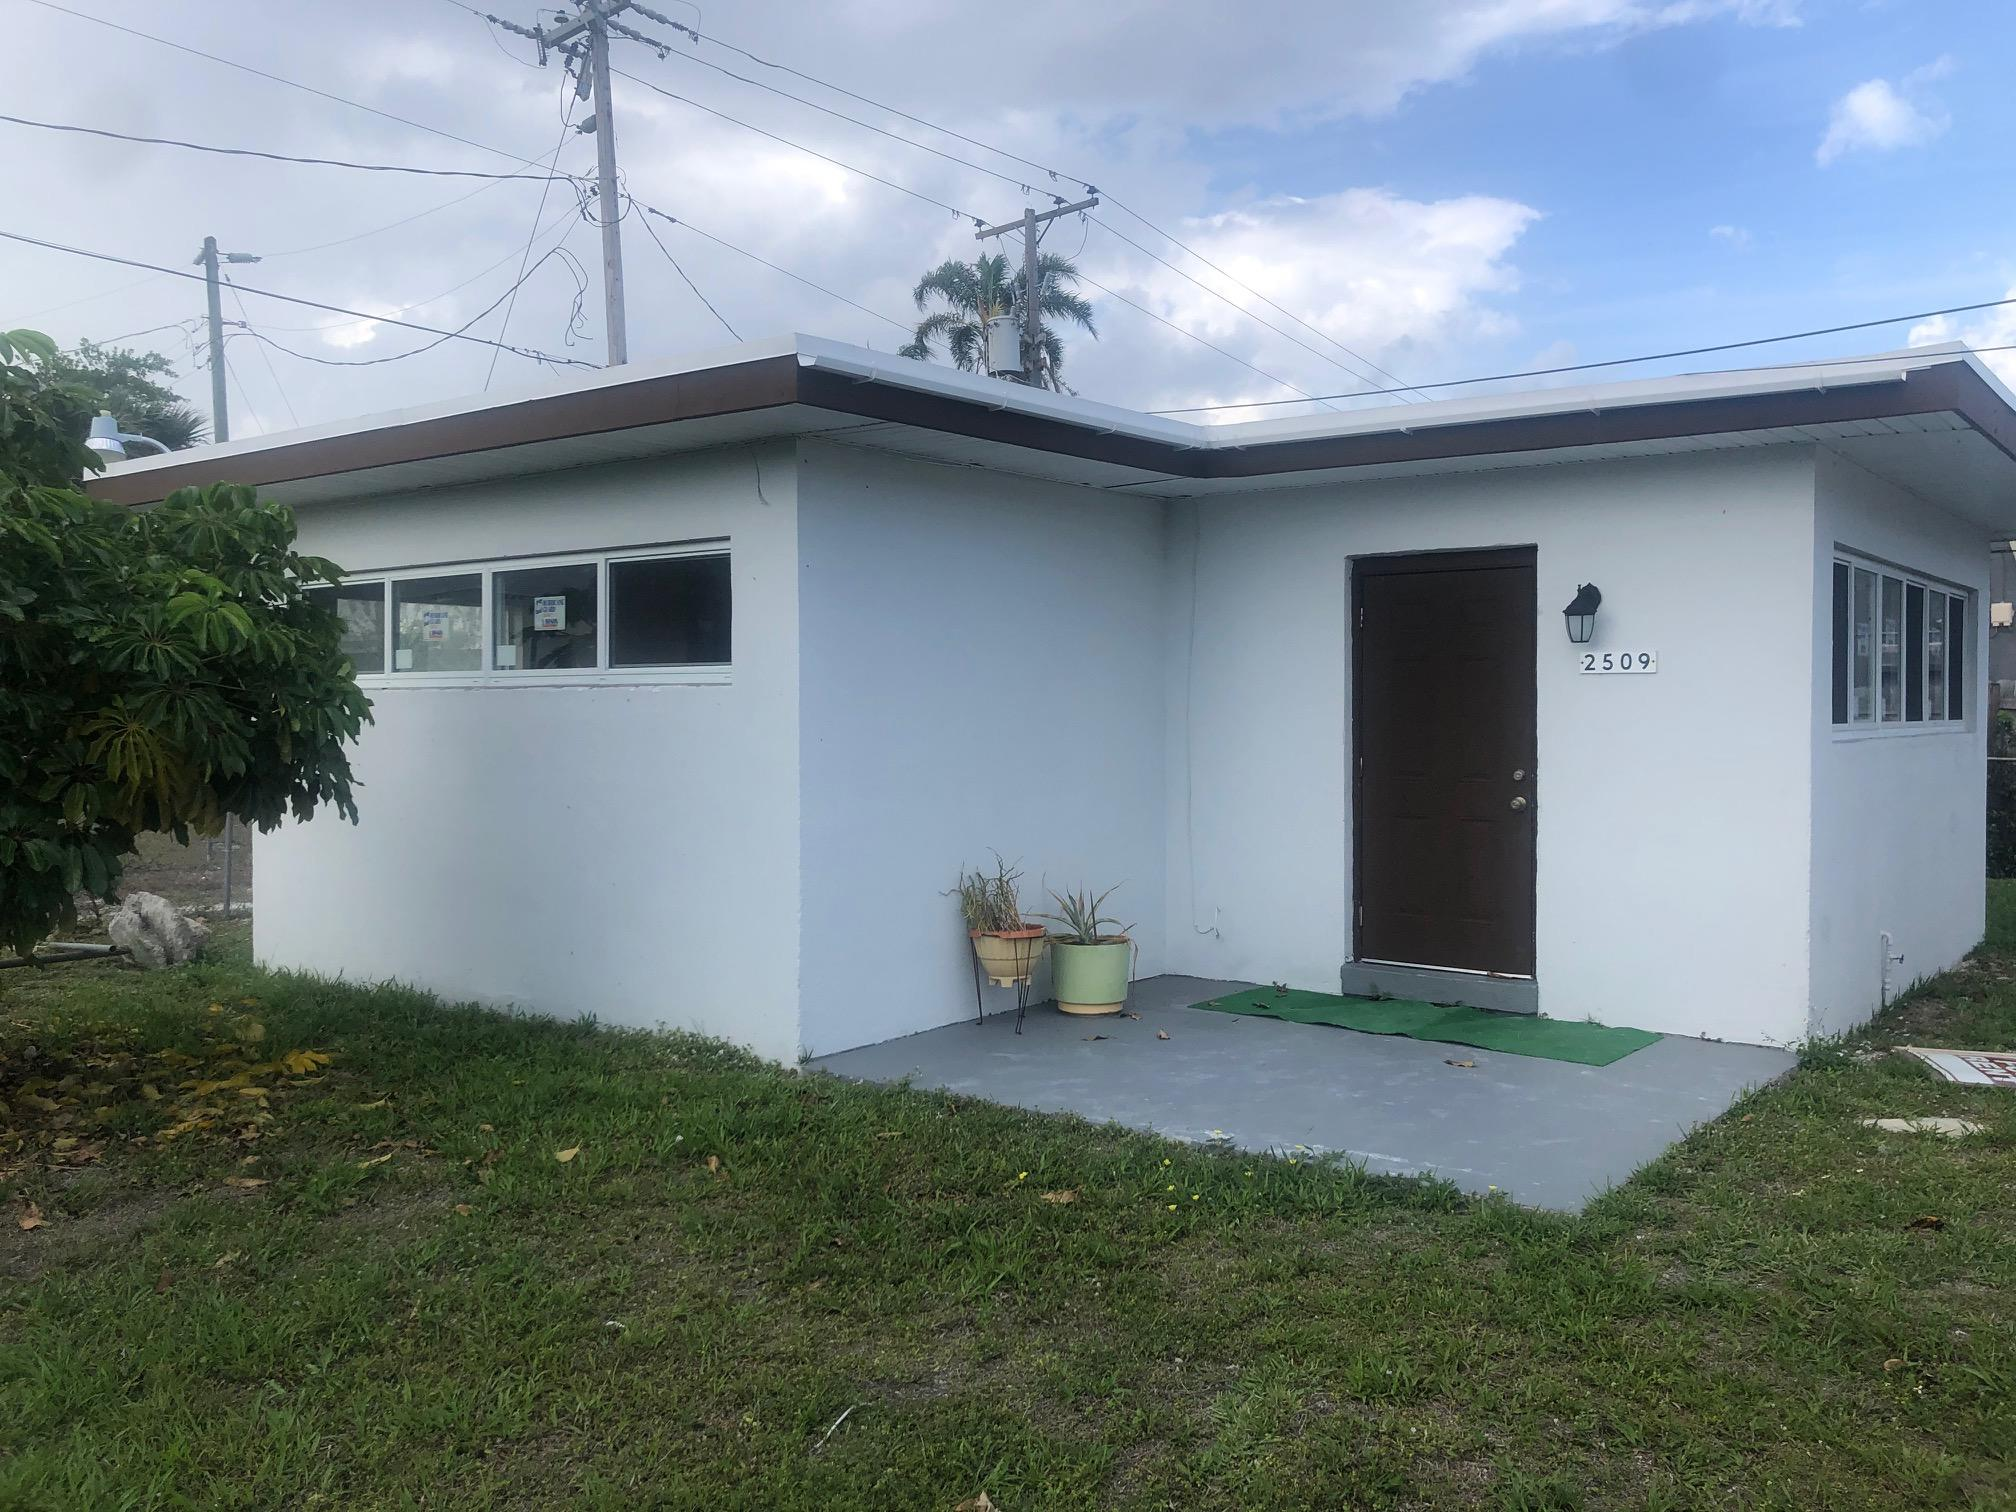 2509 Avenue Avenue E #3 - 33404 - FL - Riviera Beach